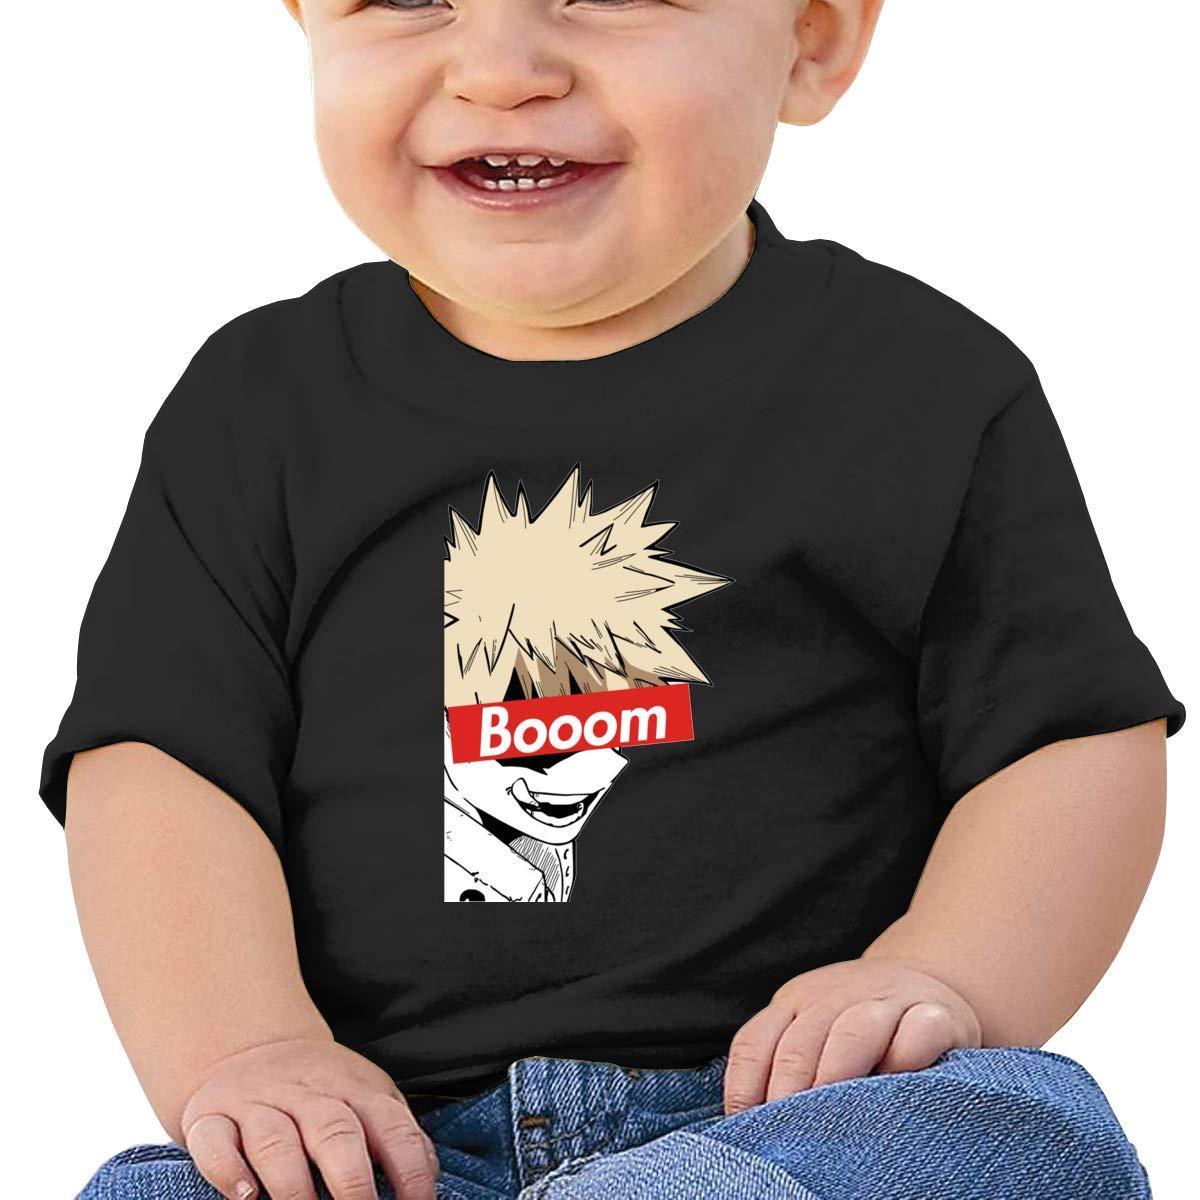 Ba-Ku-Gou Baby T-Shirt Baby Boy Girl Cotton T Shirts Funny Tops for 6M-2T Baby